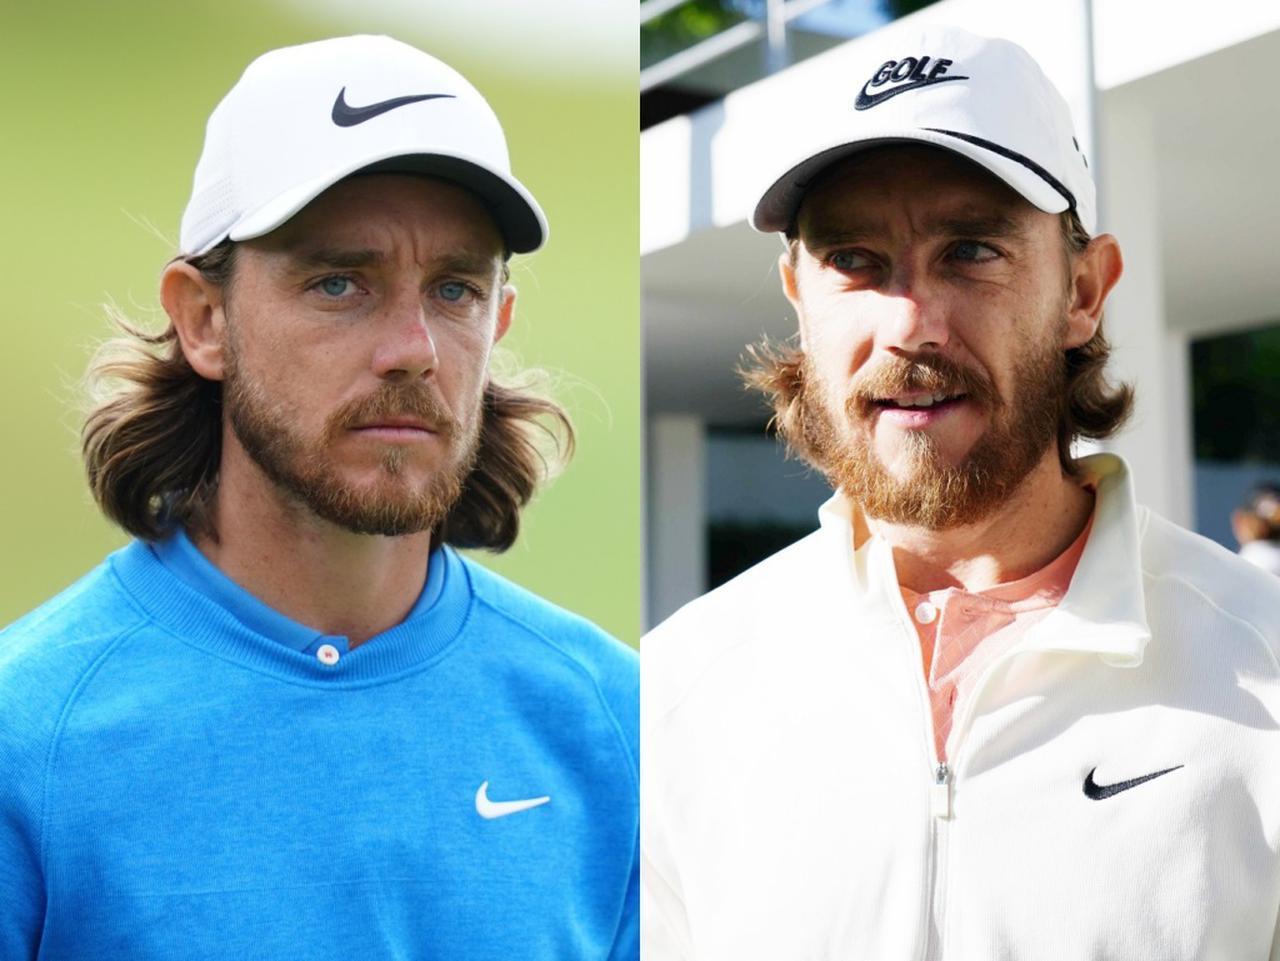 画像: 2019年の全米オープン(写真右)と今大会のトミーを比べると髪が短くなり、髭が伸びているのがわかる